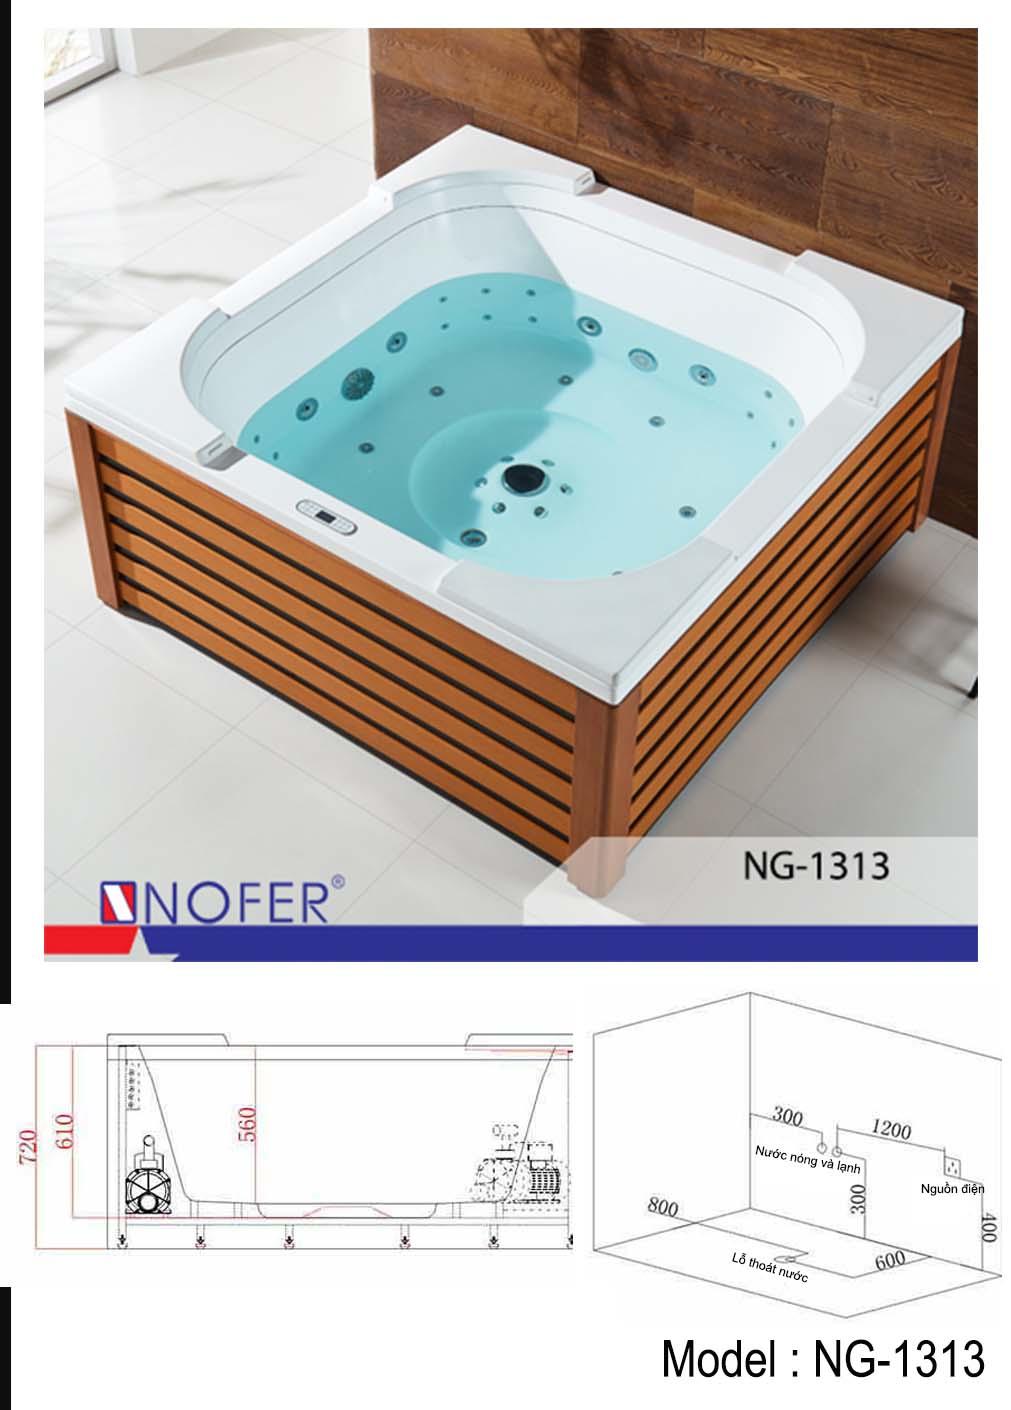 Bảng vẽ kỹ thuật NG-1313